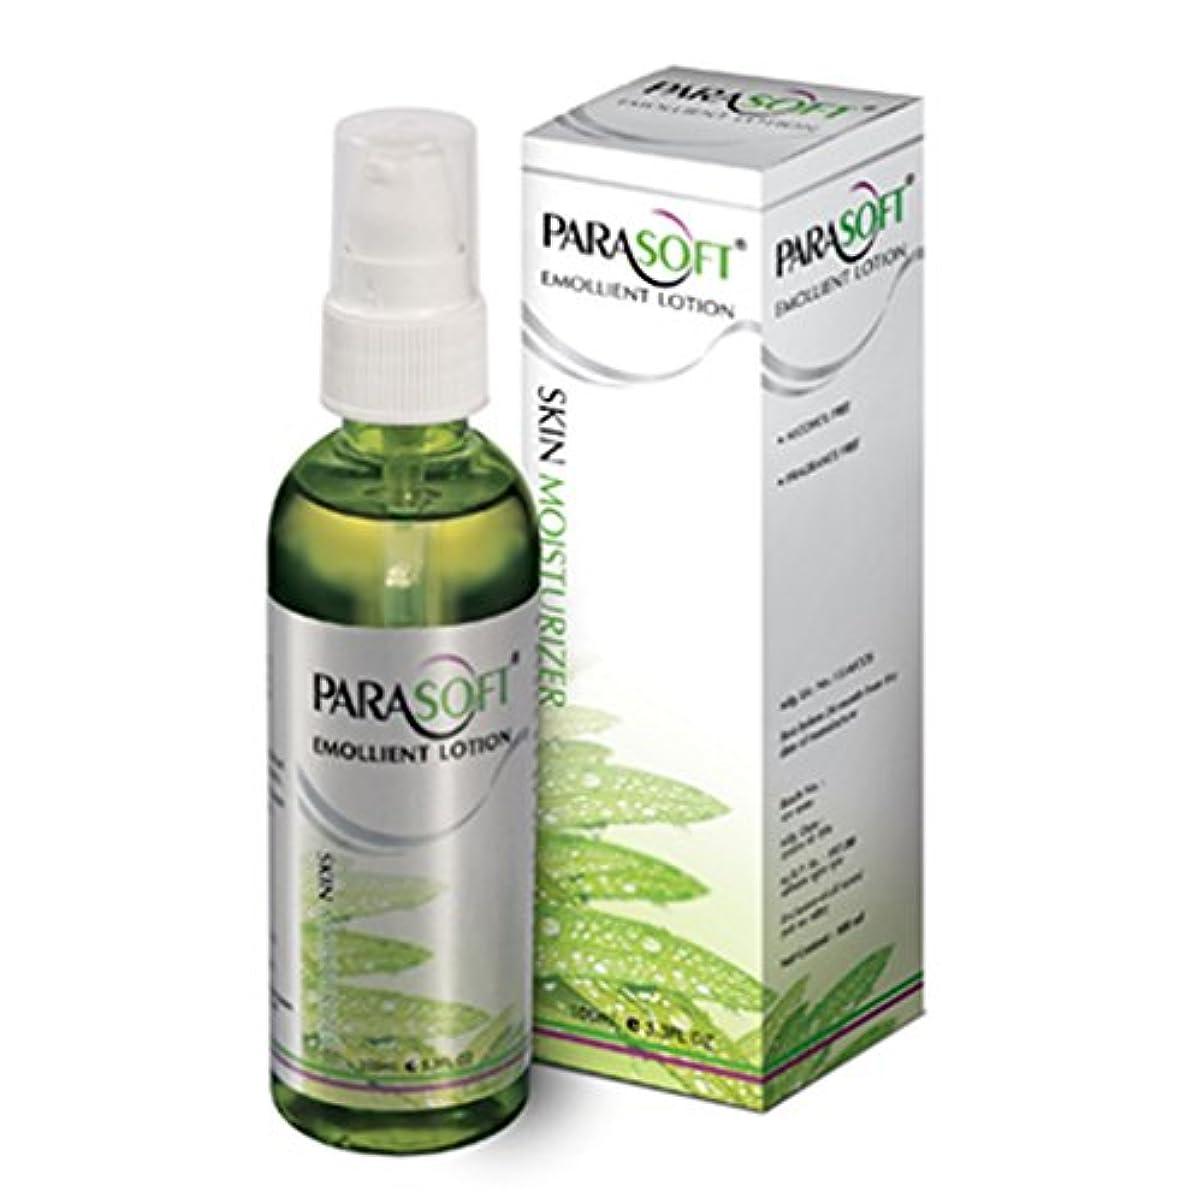 宣言なめらかな石灰岩Paraffin Lotion Grapeseed, Jojoba, Aloevera, Avocado, Olive Oil Dry Skin 100ml